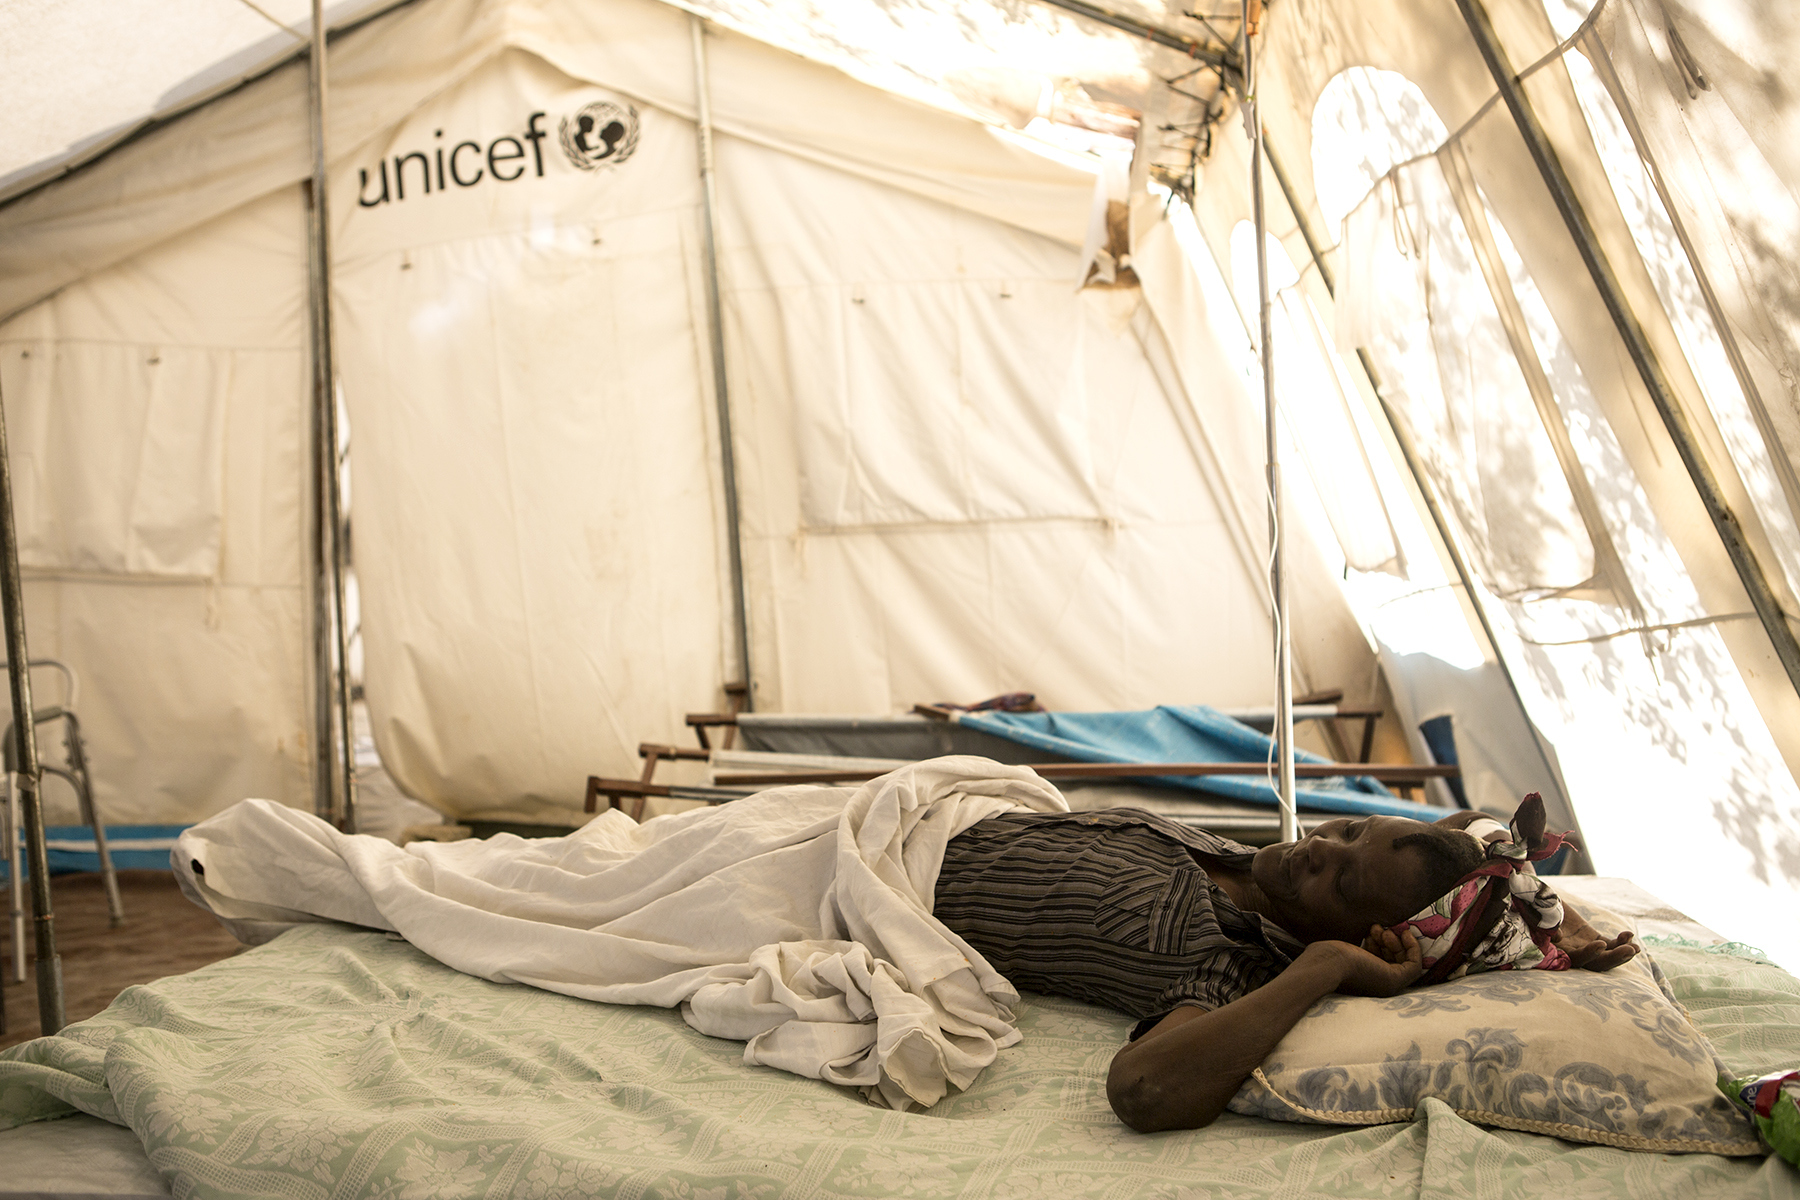 Haiti_Cholera_Healing_Art_Missions_004.JPG